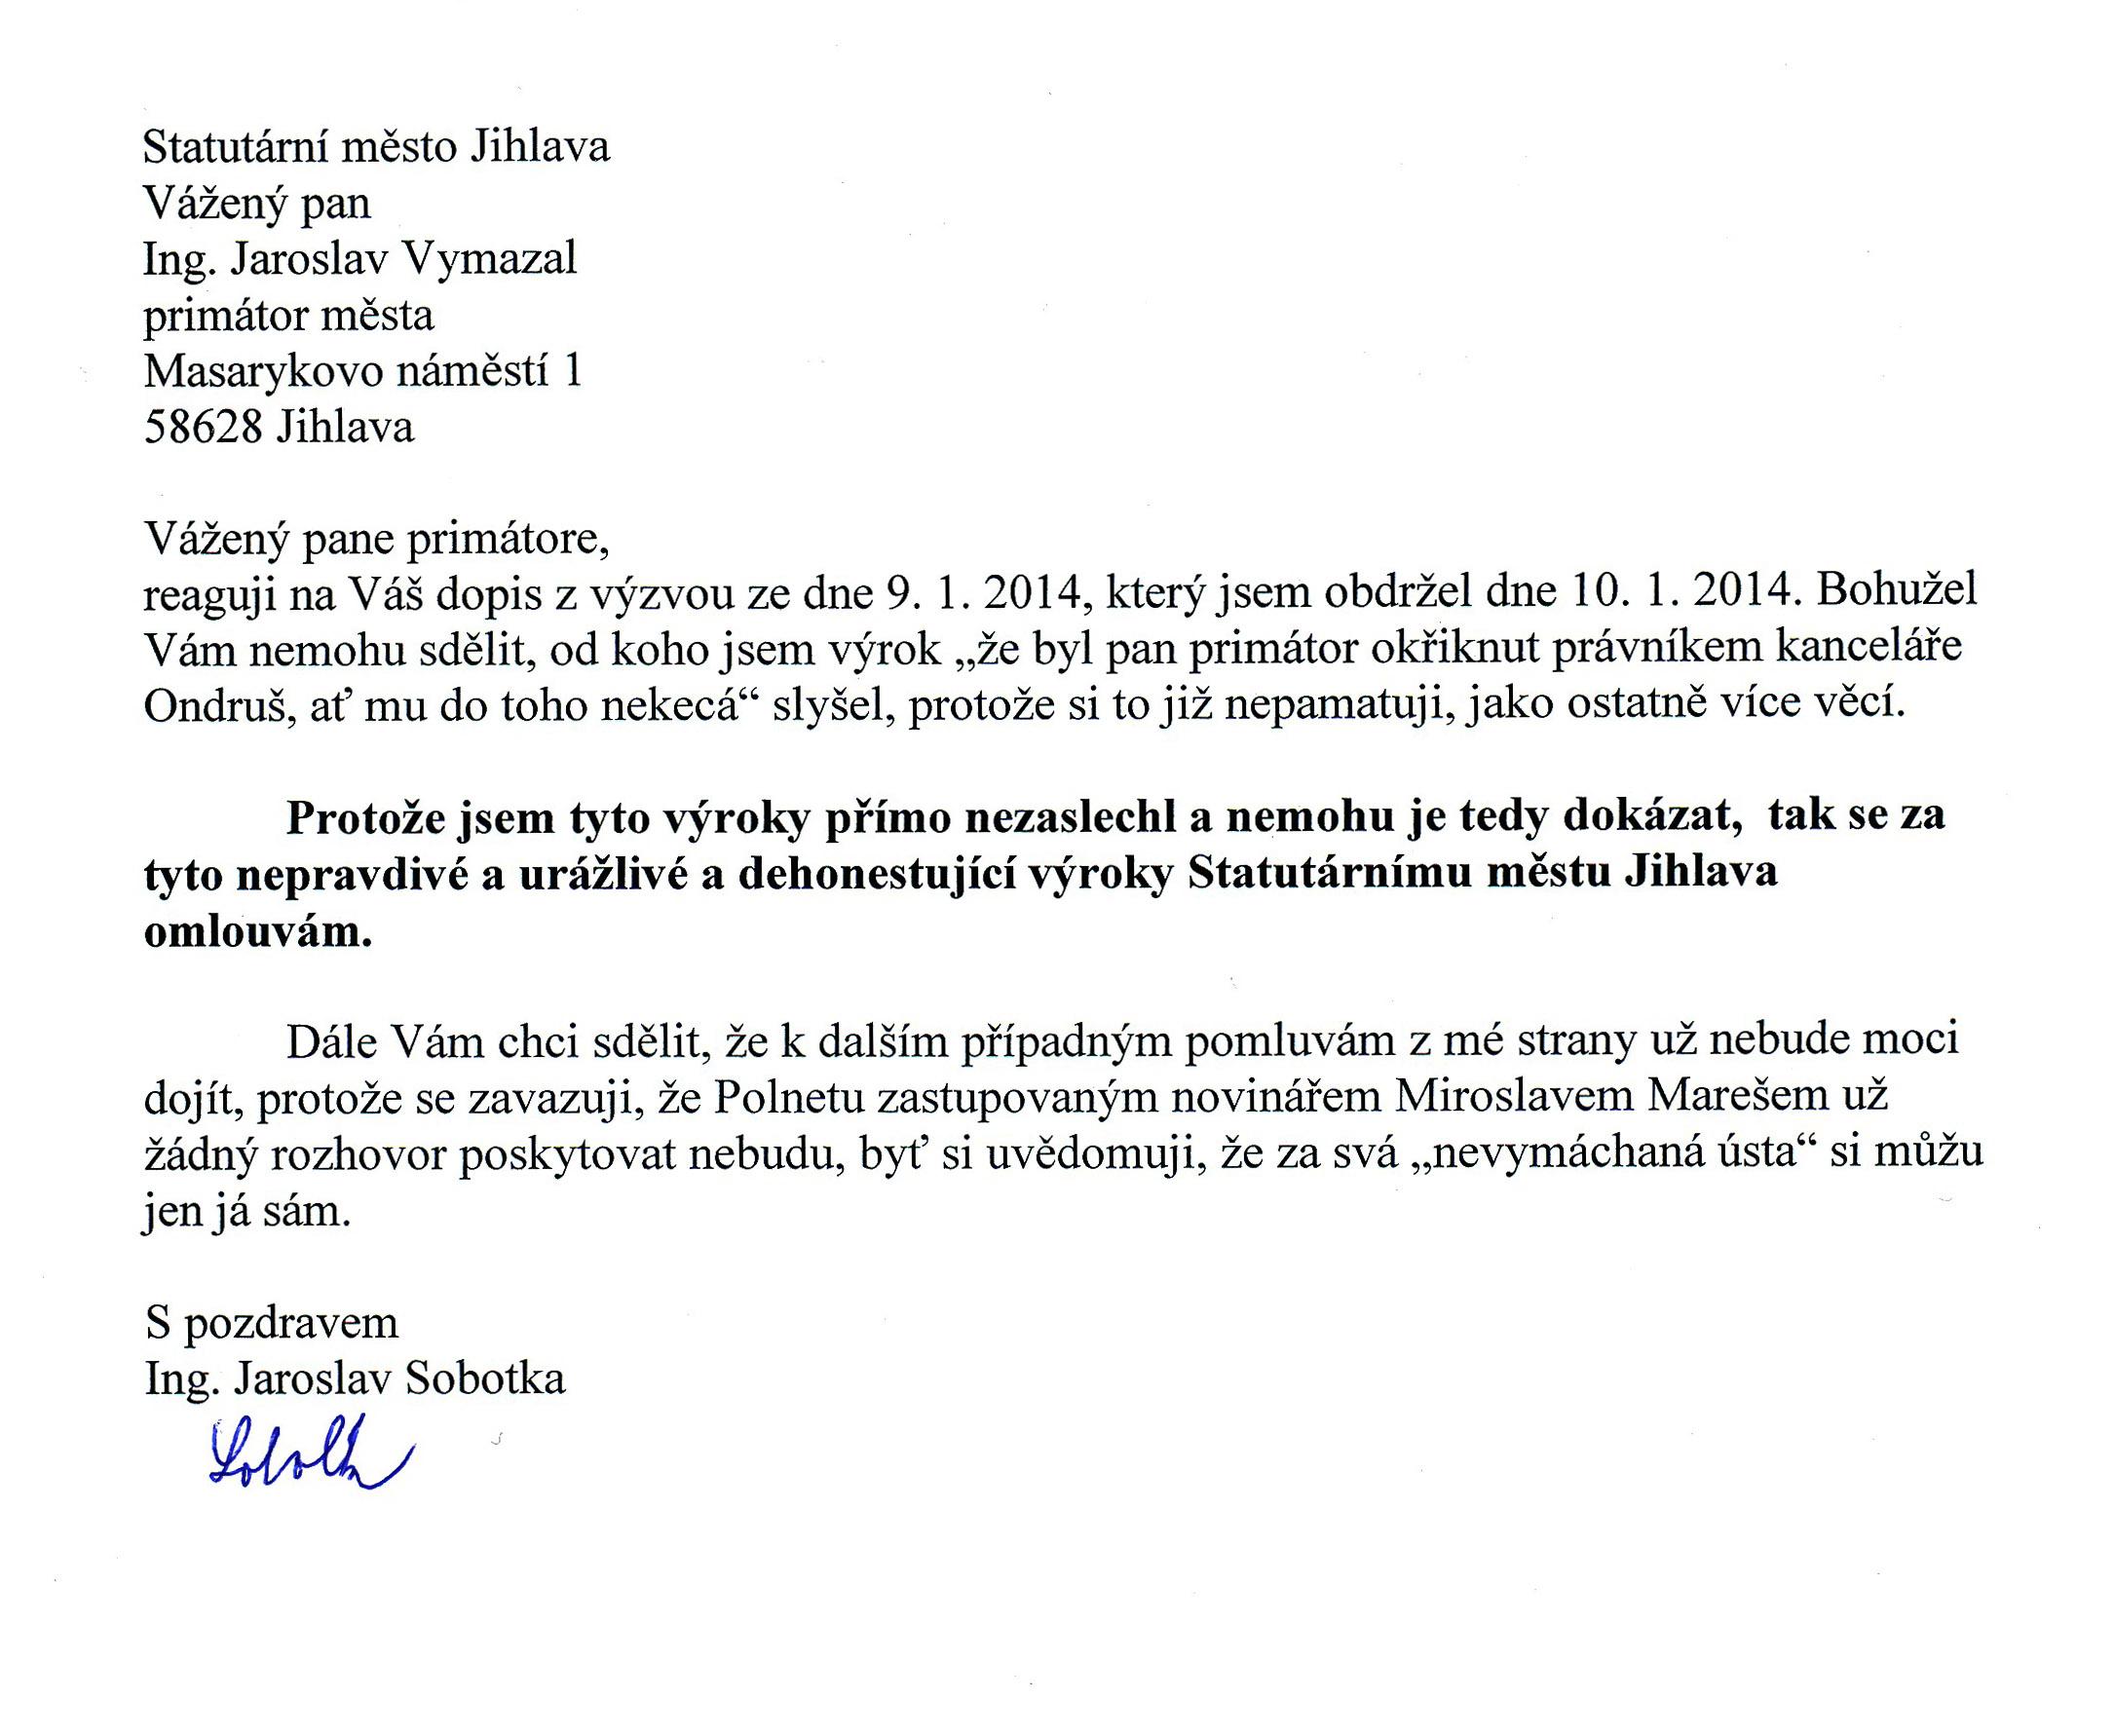 Jaroslav Sobotka omluva primátorovi